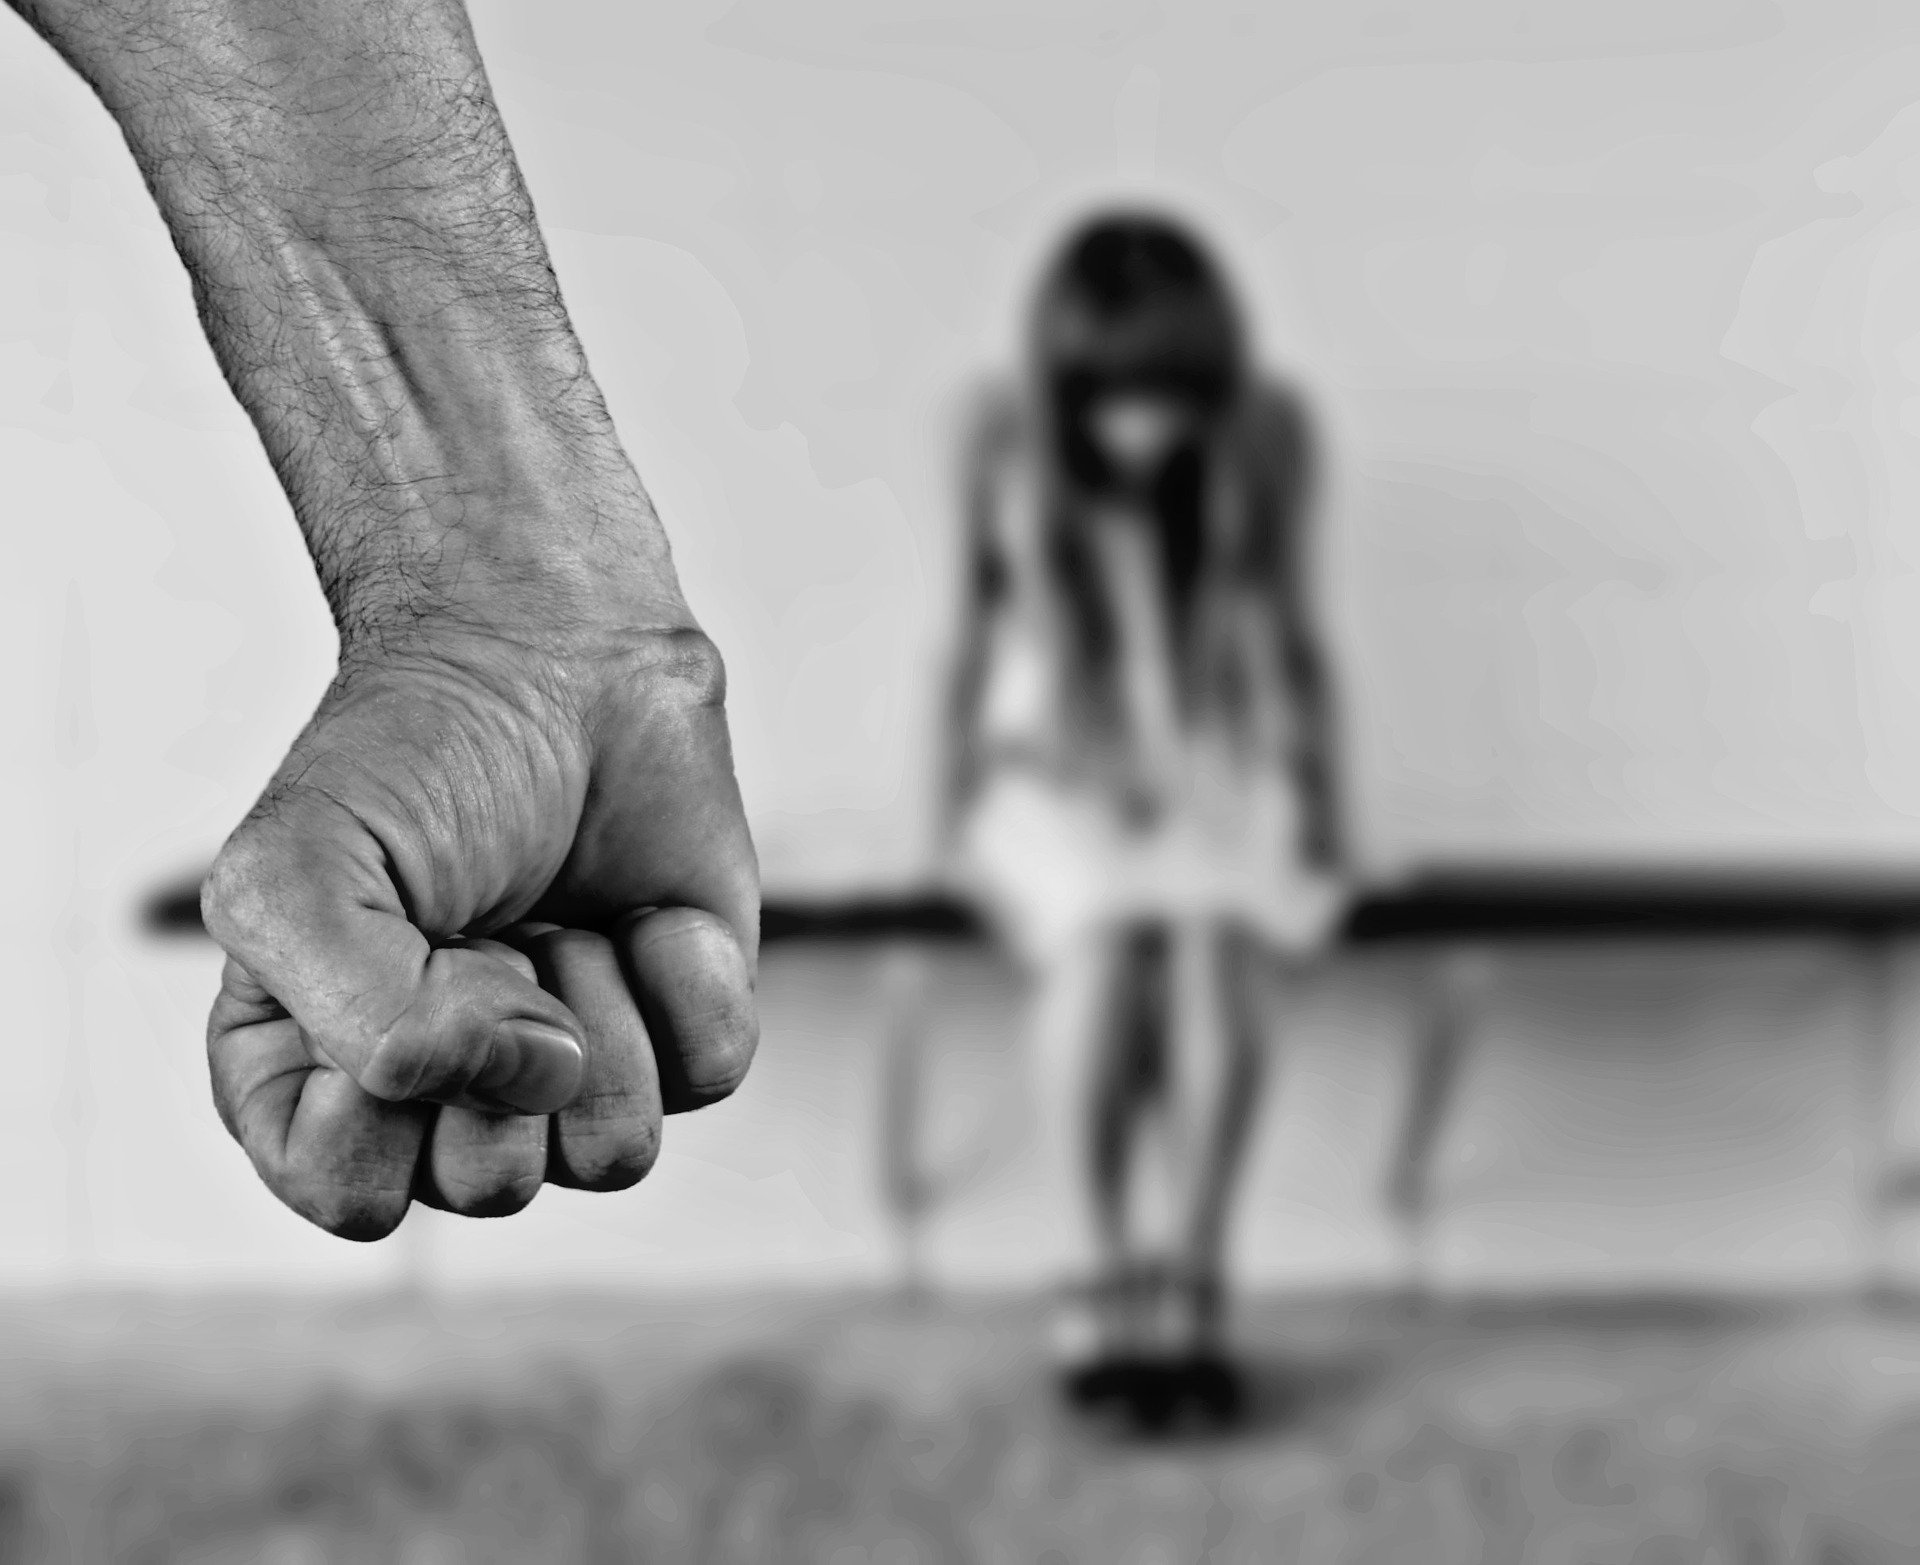 В Новороссийске осудили извращенца, который издевался над маленькими девочками